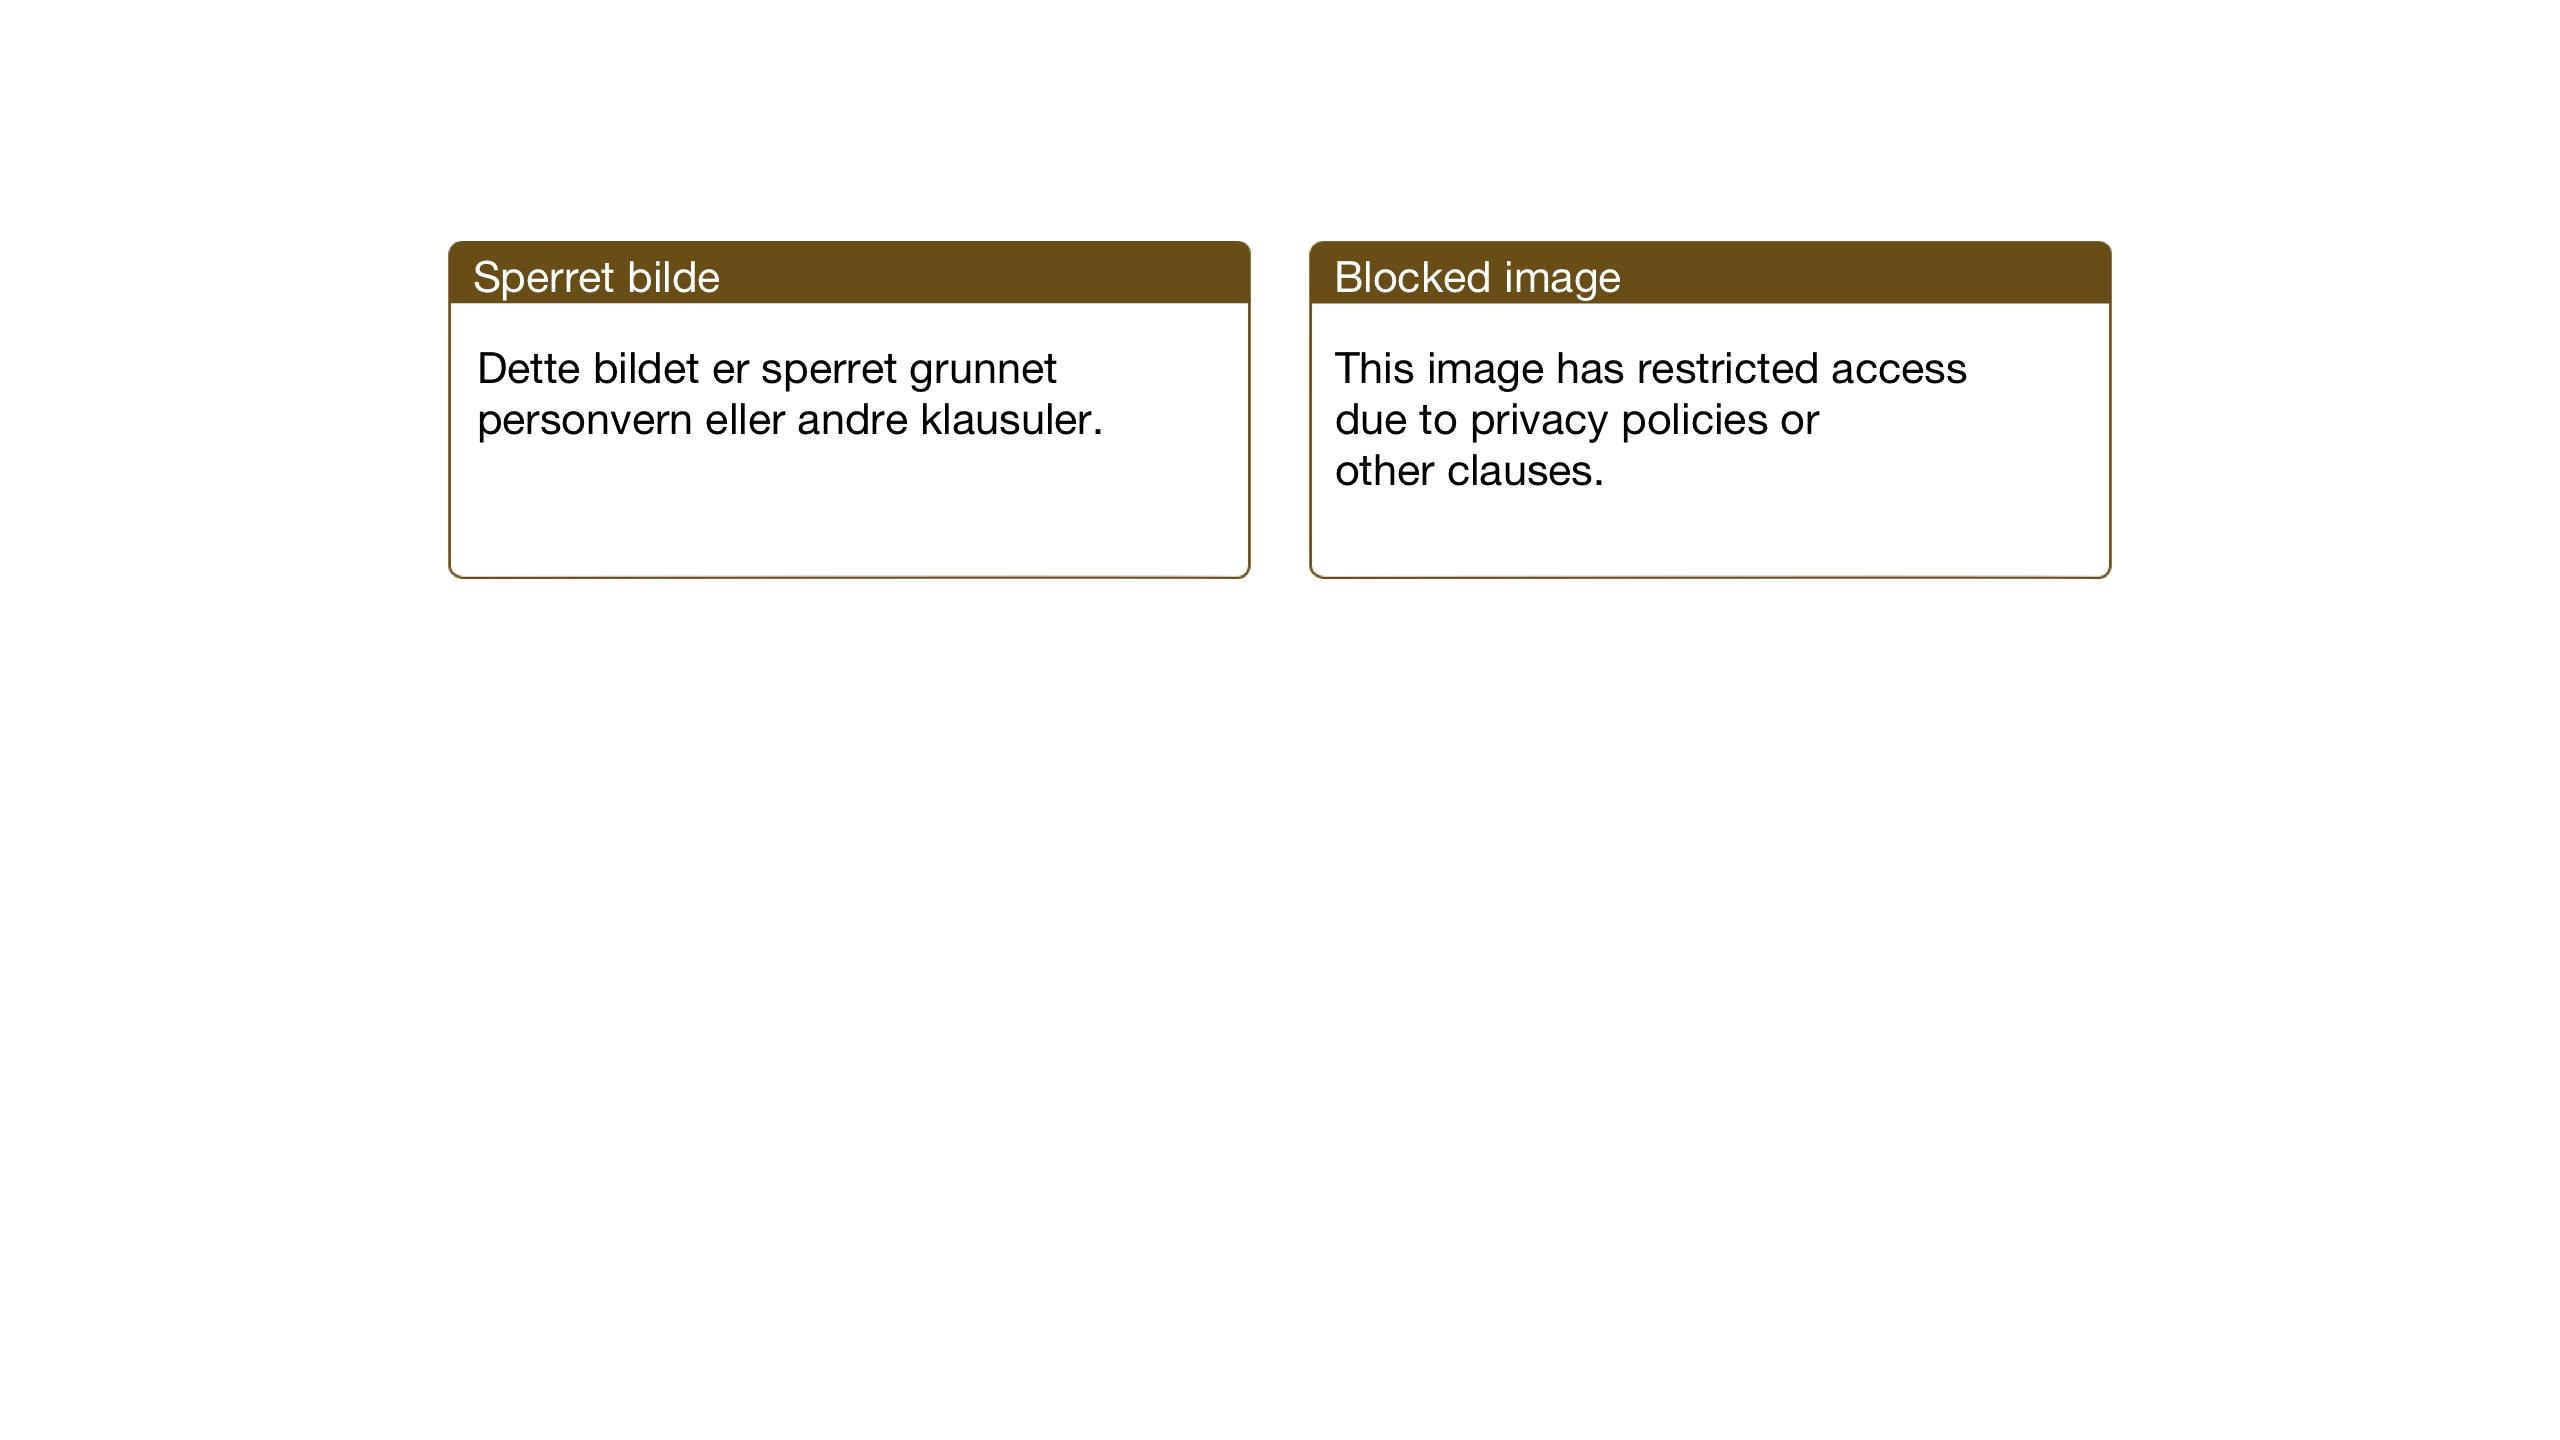 SAT, Ministerialprotokoller, klokkerbøker og fødselsregistre - Sør-Trøndelag, 640/L0590: Klokkerbok nr. 640C07, 1935-1948, s. 43